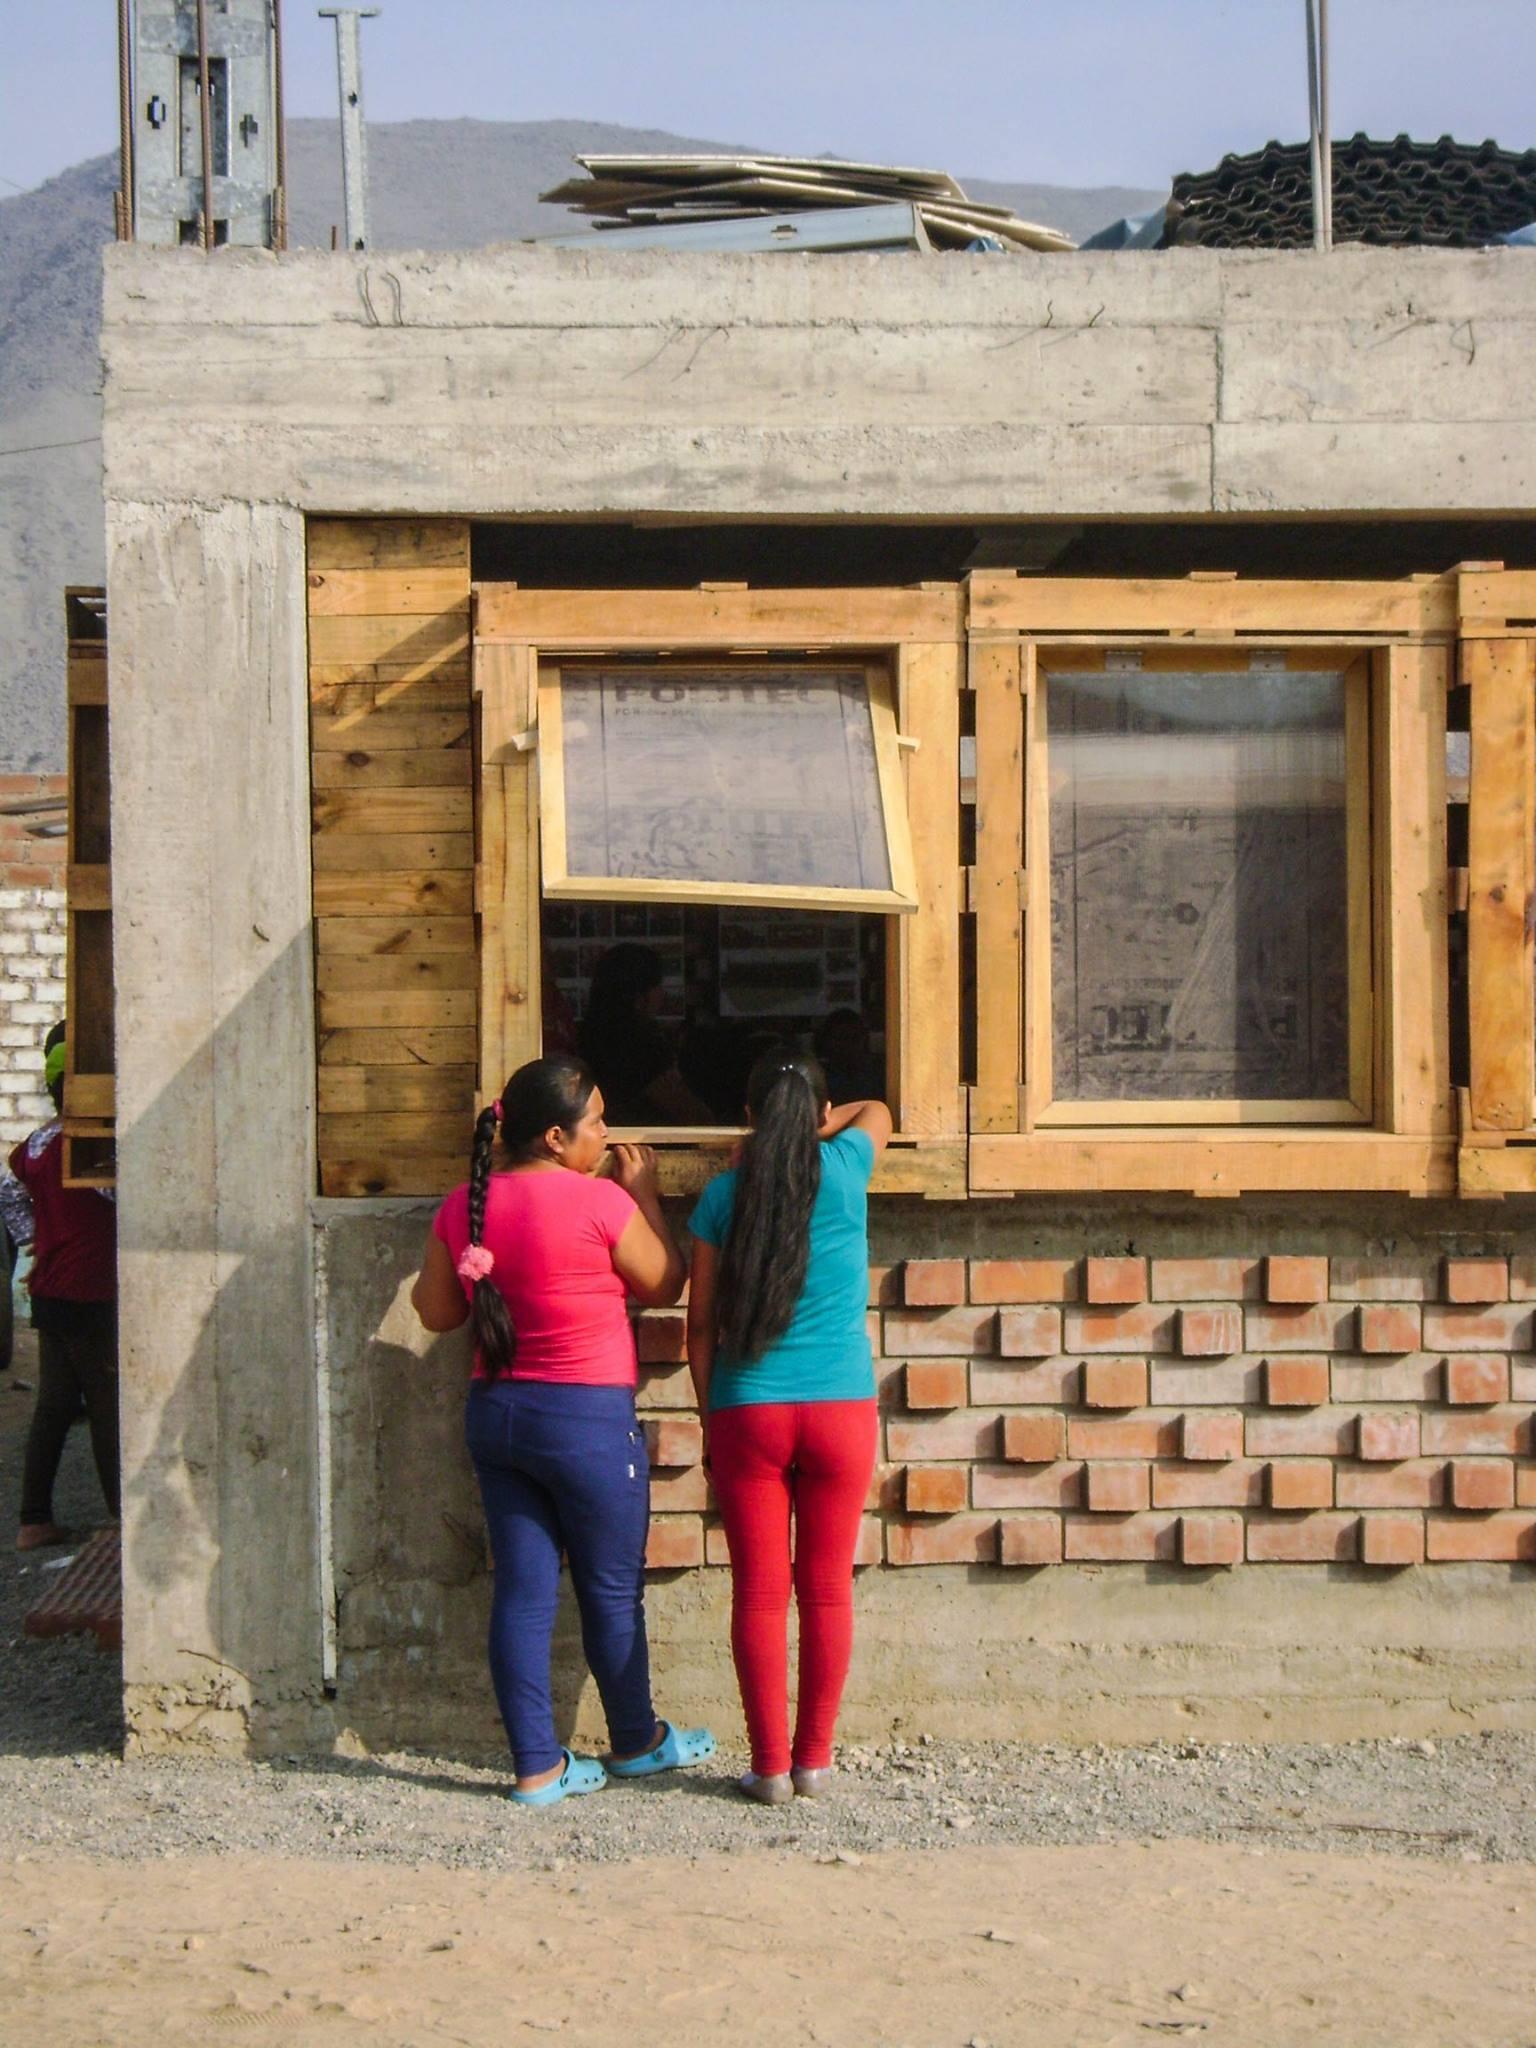 Centro Comunitario Nuevo Amanecer: del taller universitario a una comunidad en Chosica, Perú